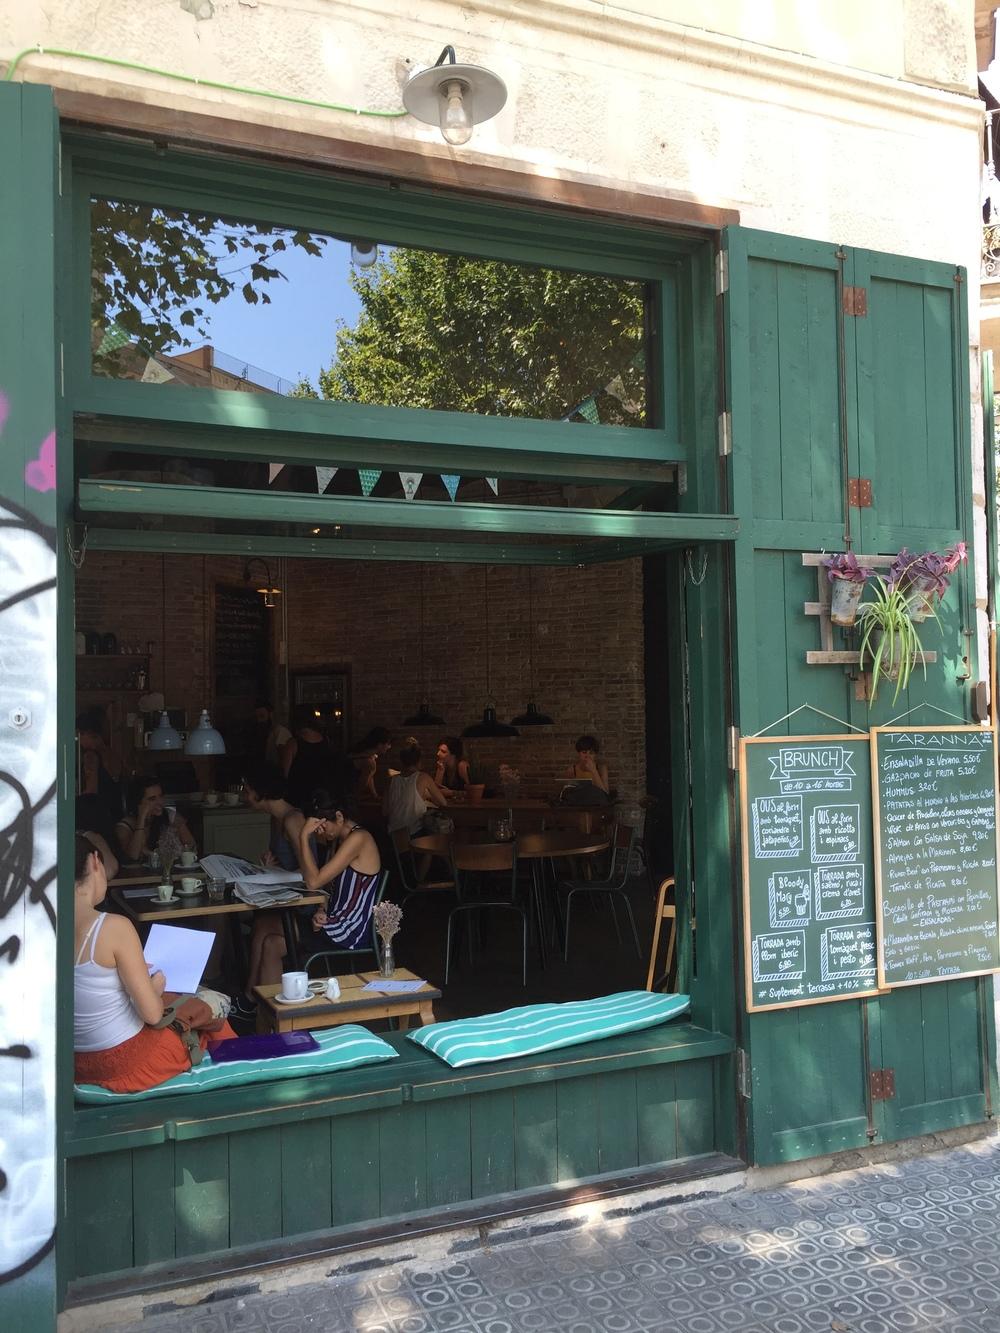 Tarannà Café & Bar